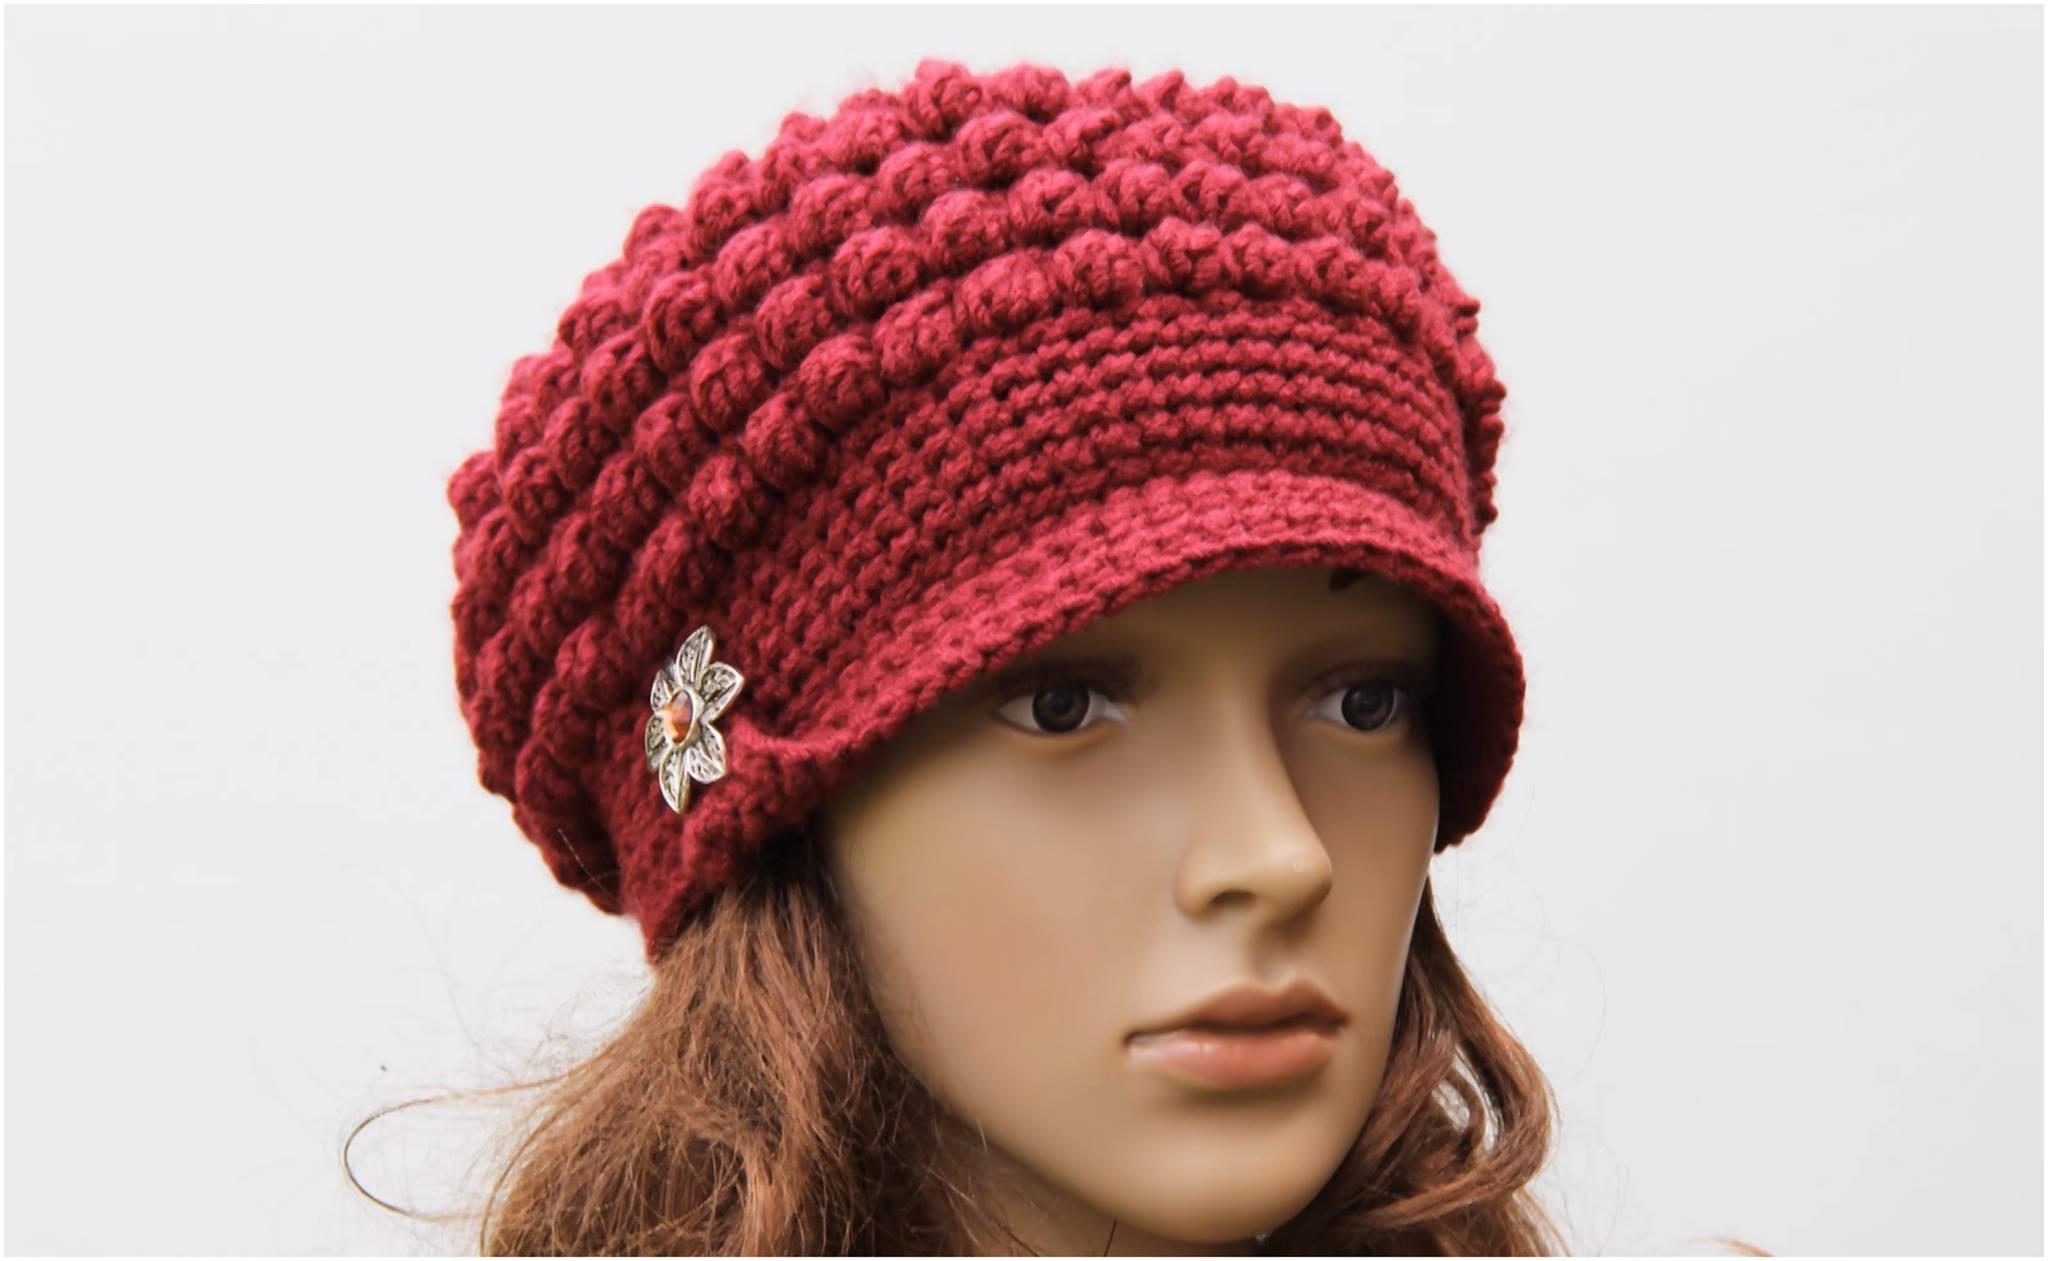 Crochet Brimmed Hat Free Pattern